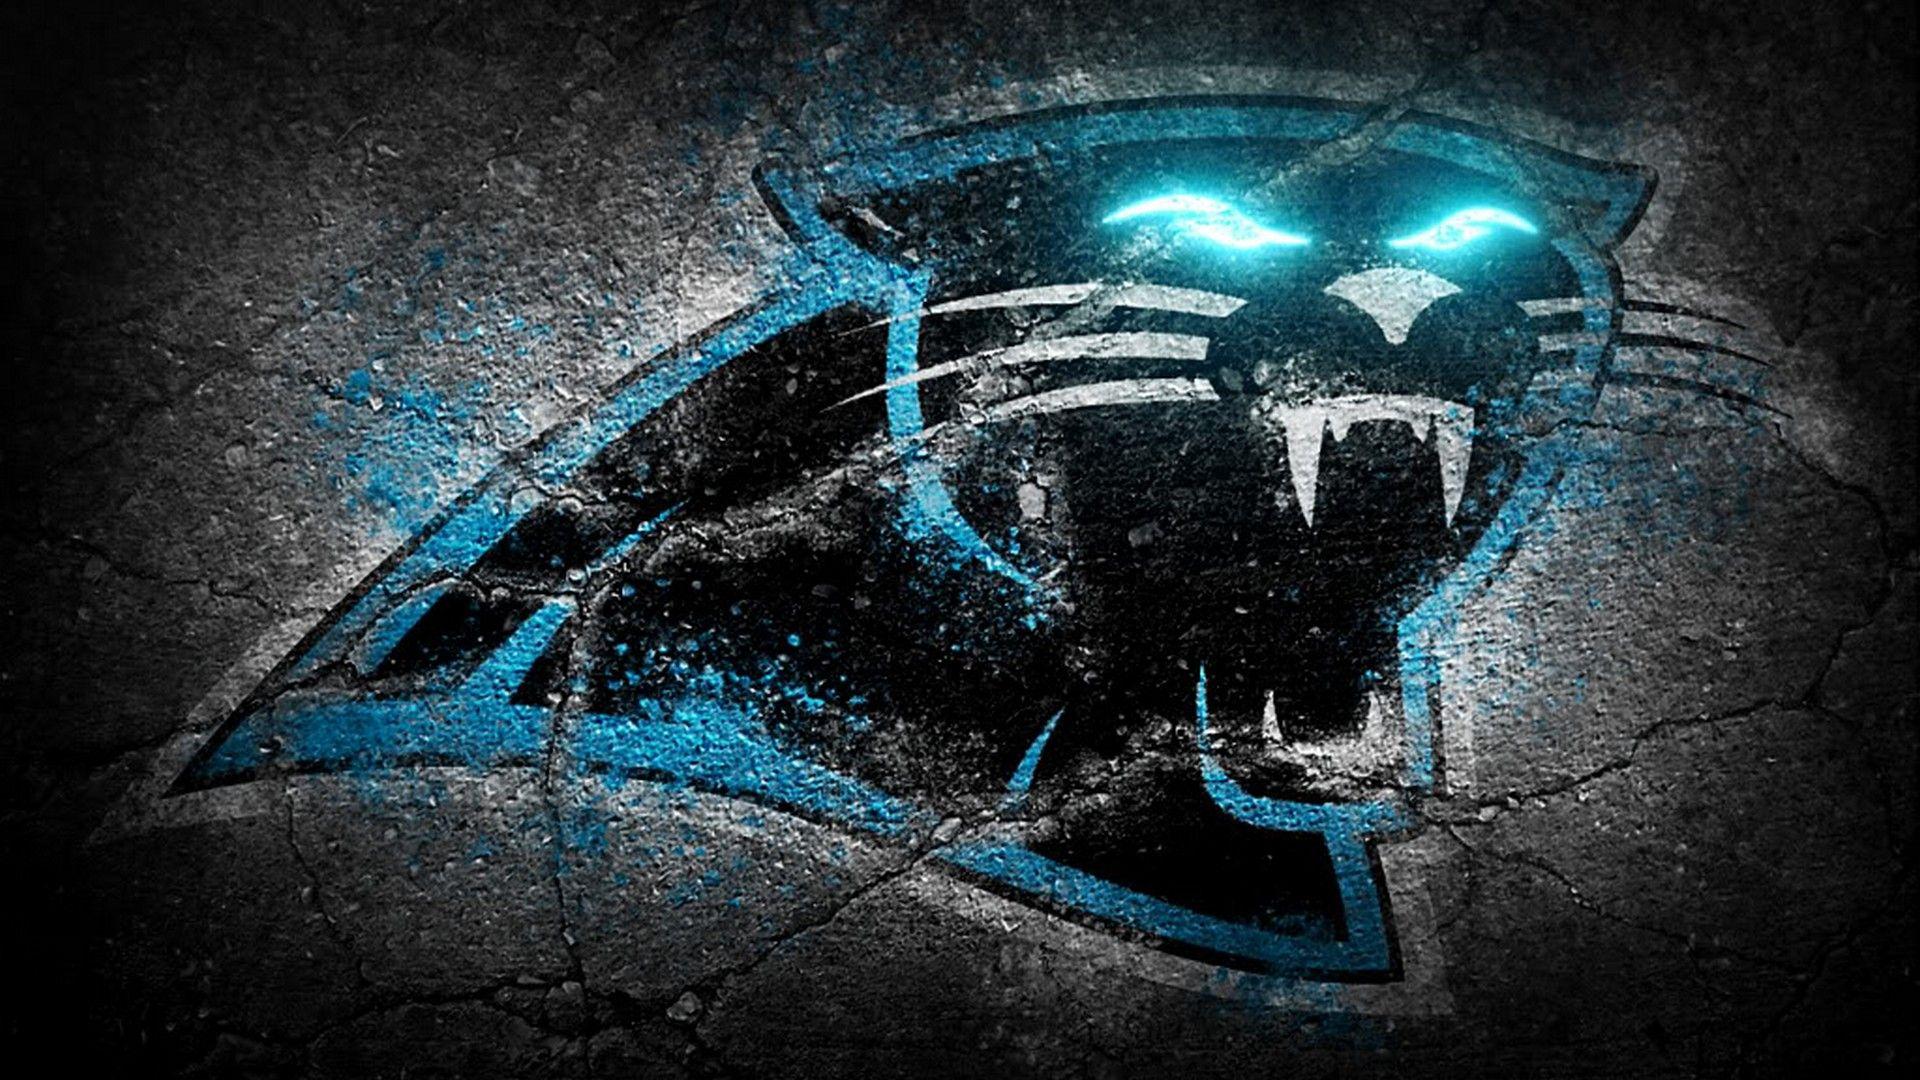 Carolina Panthers For Mac 2021 Nfl Football Wallpapers Carolina Panthers Wallpaper Carolina Panthers Logo Carolina Panthers Football